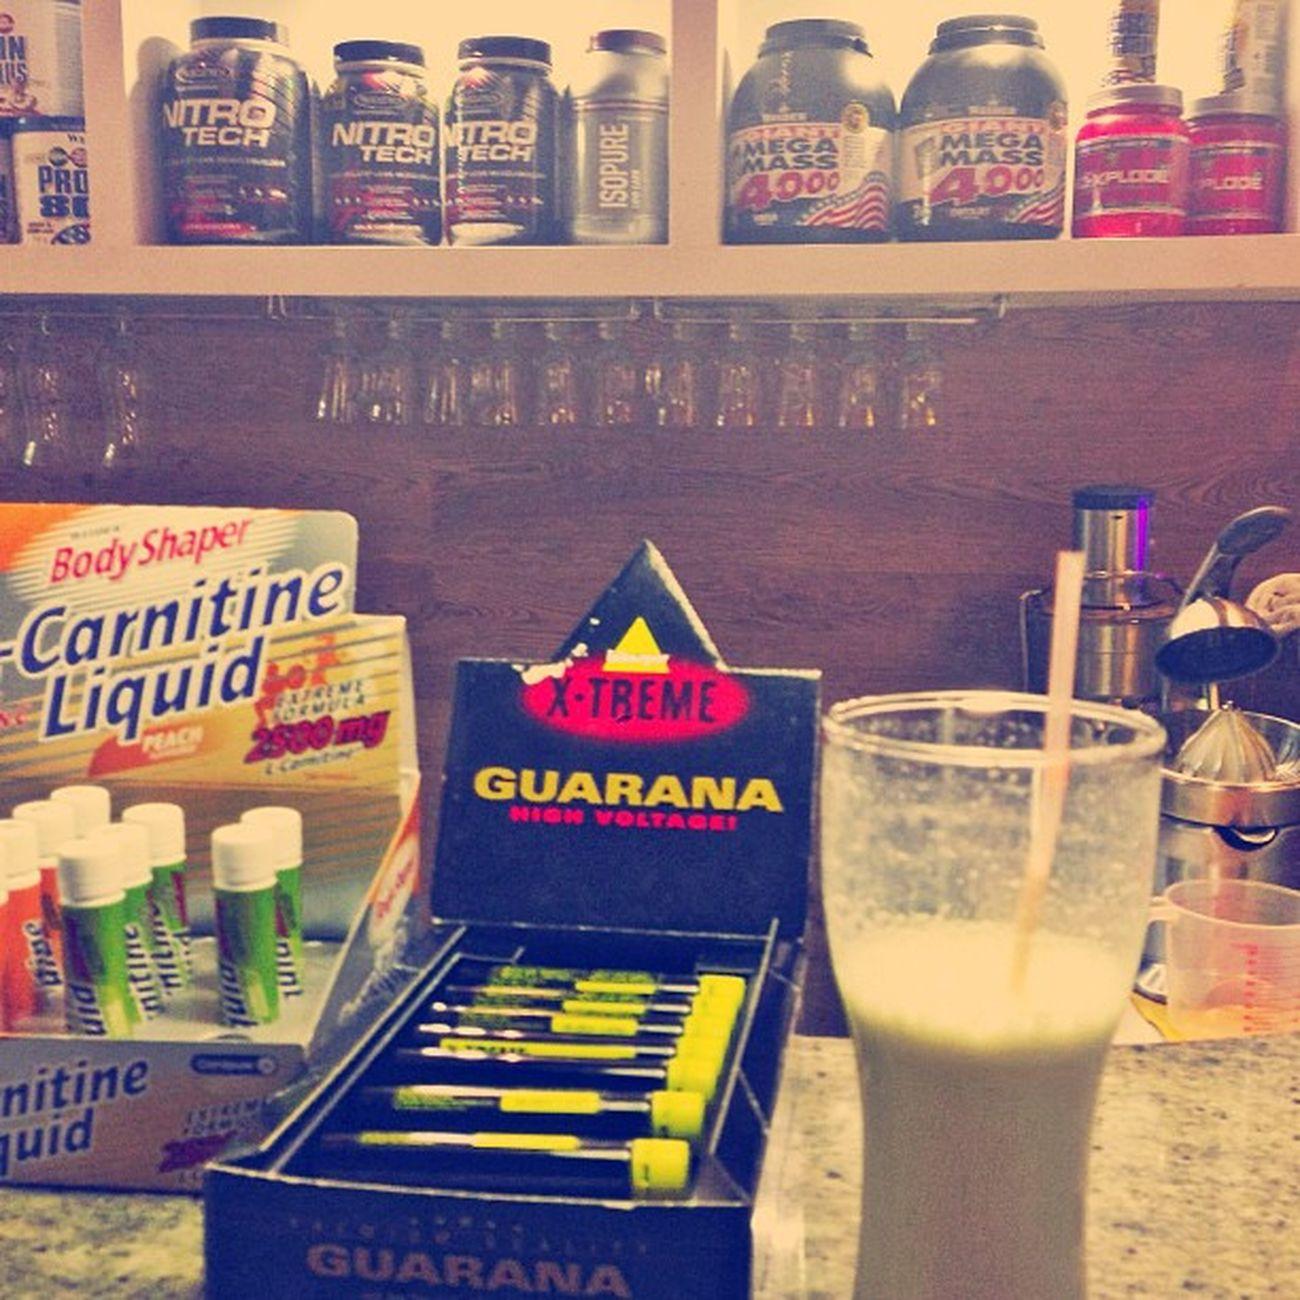 После хорошей тренировочки нужно и выпить))👍💪🍌 Protein Sports Nutrition Set of Muscle Mass Gainer Fitness Carnitine